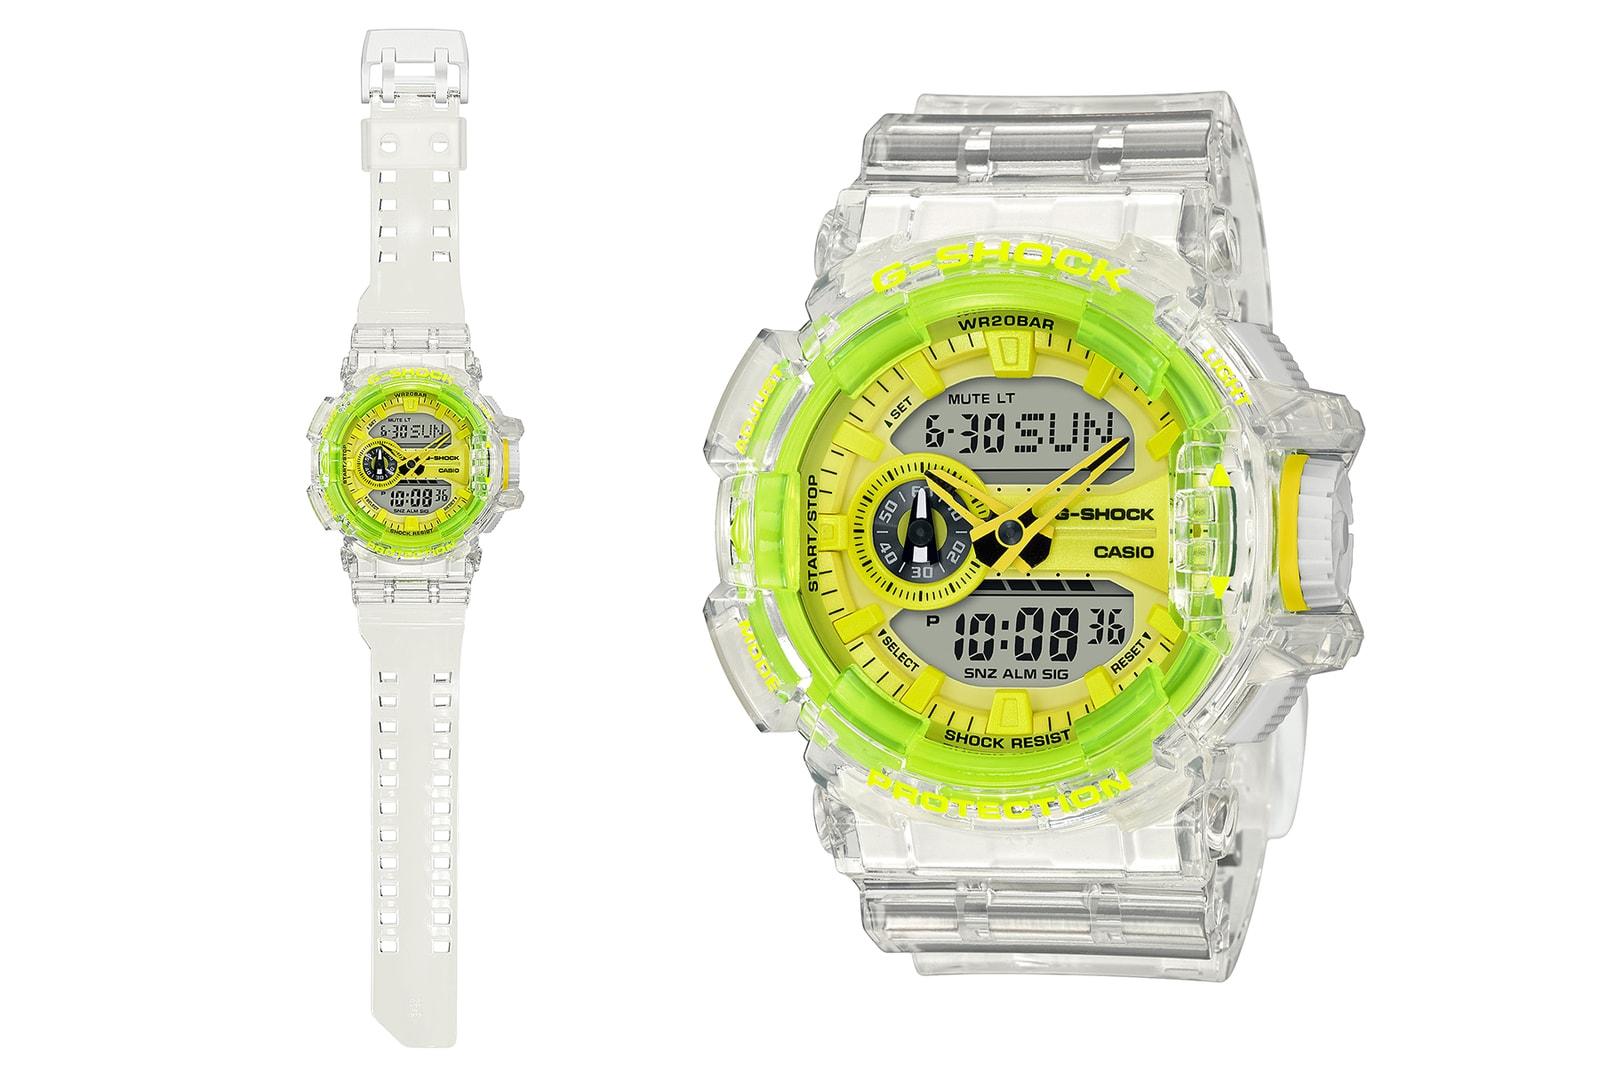 G-SHOCK ジーショック 透明 スケルトン デザイン 新作 腕時計 ウォッチ Gショック